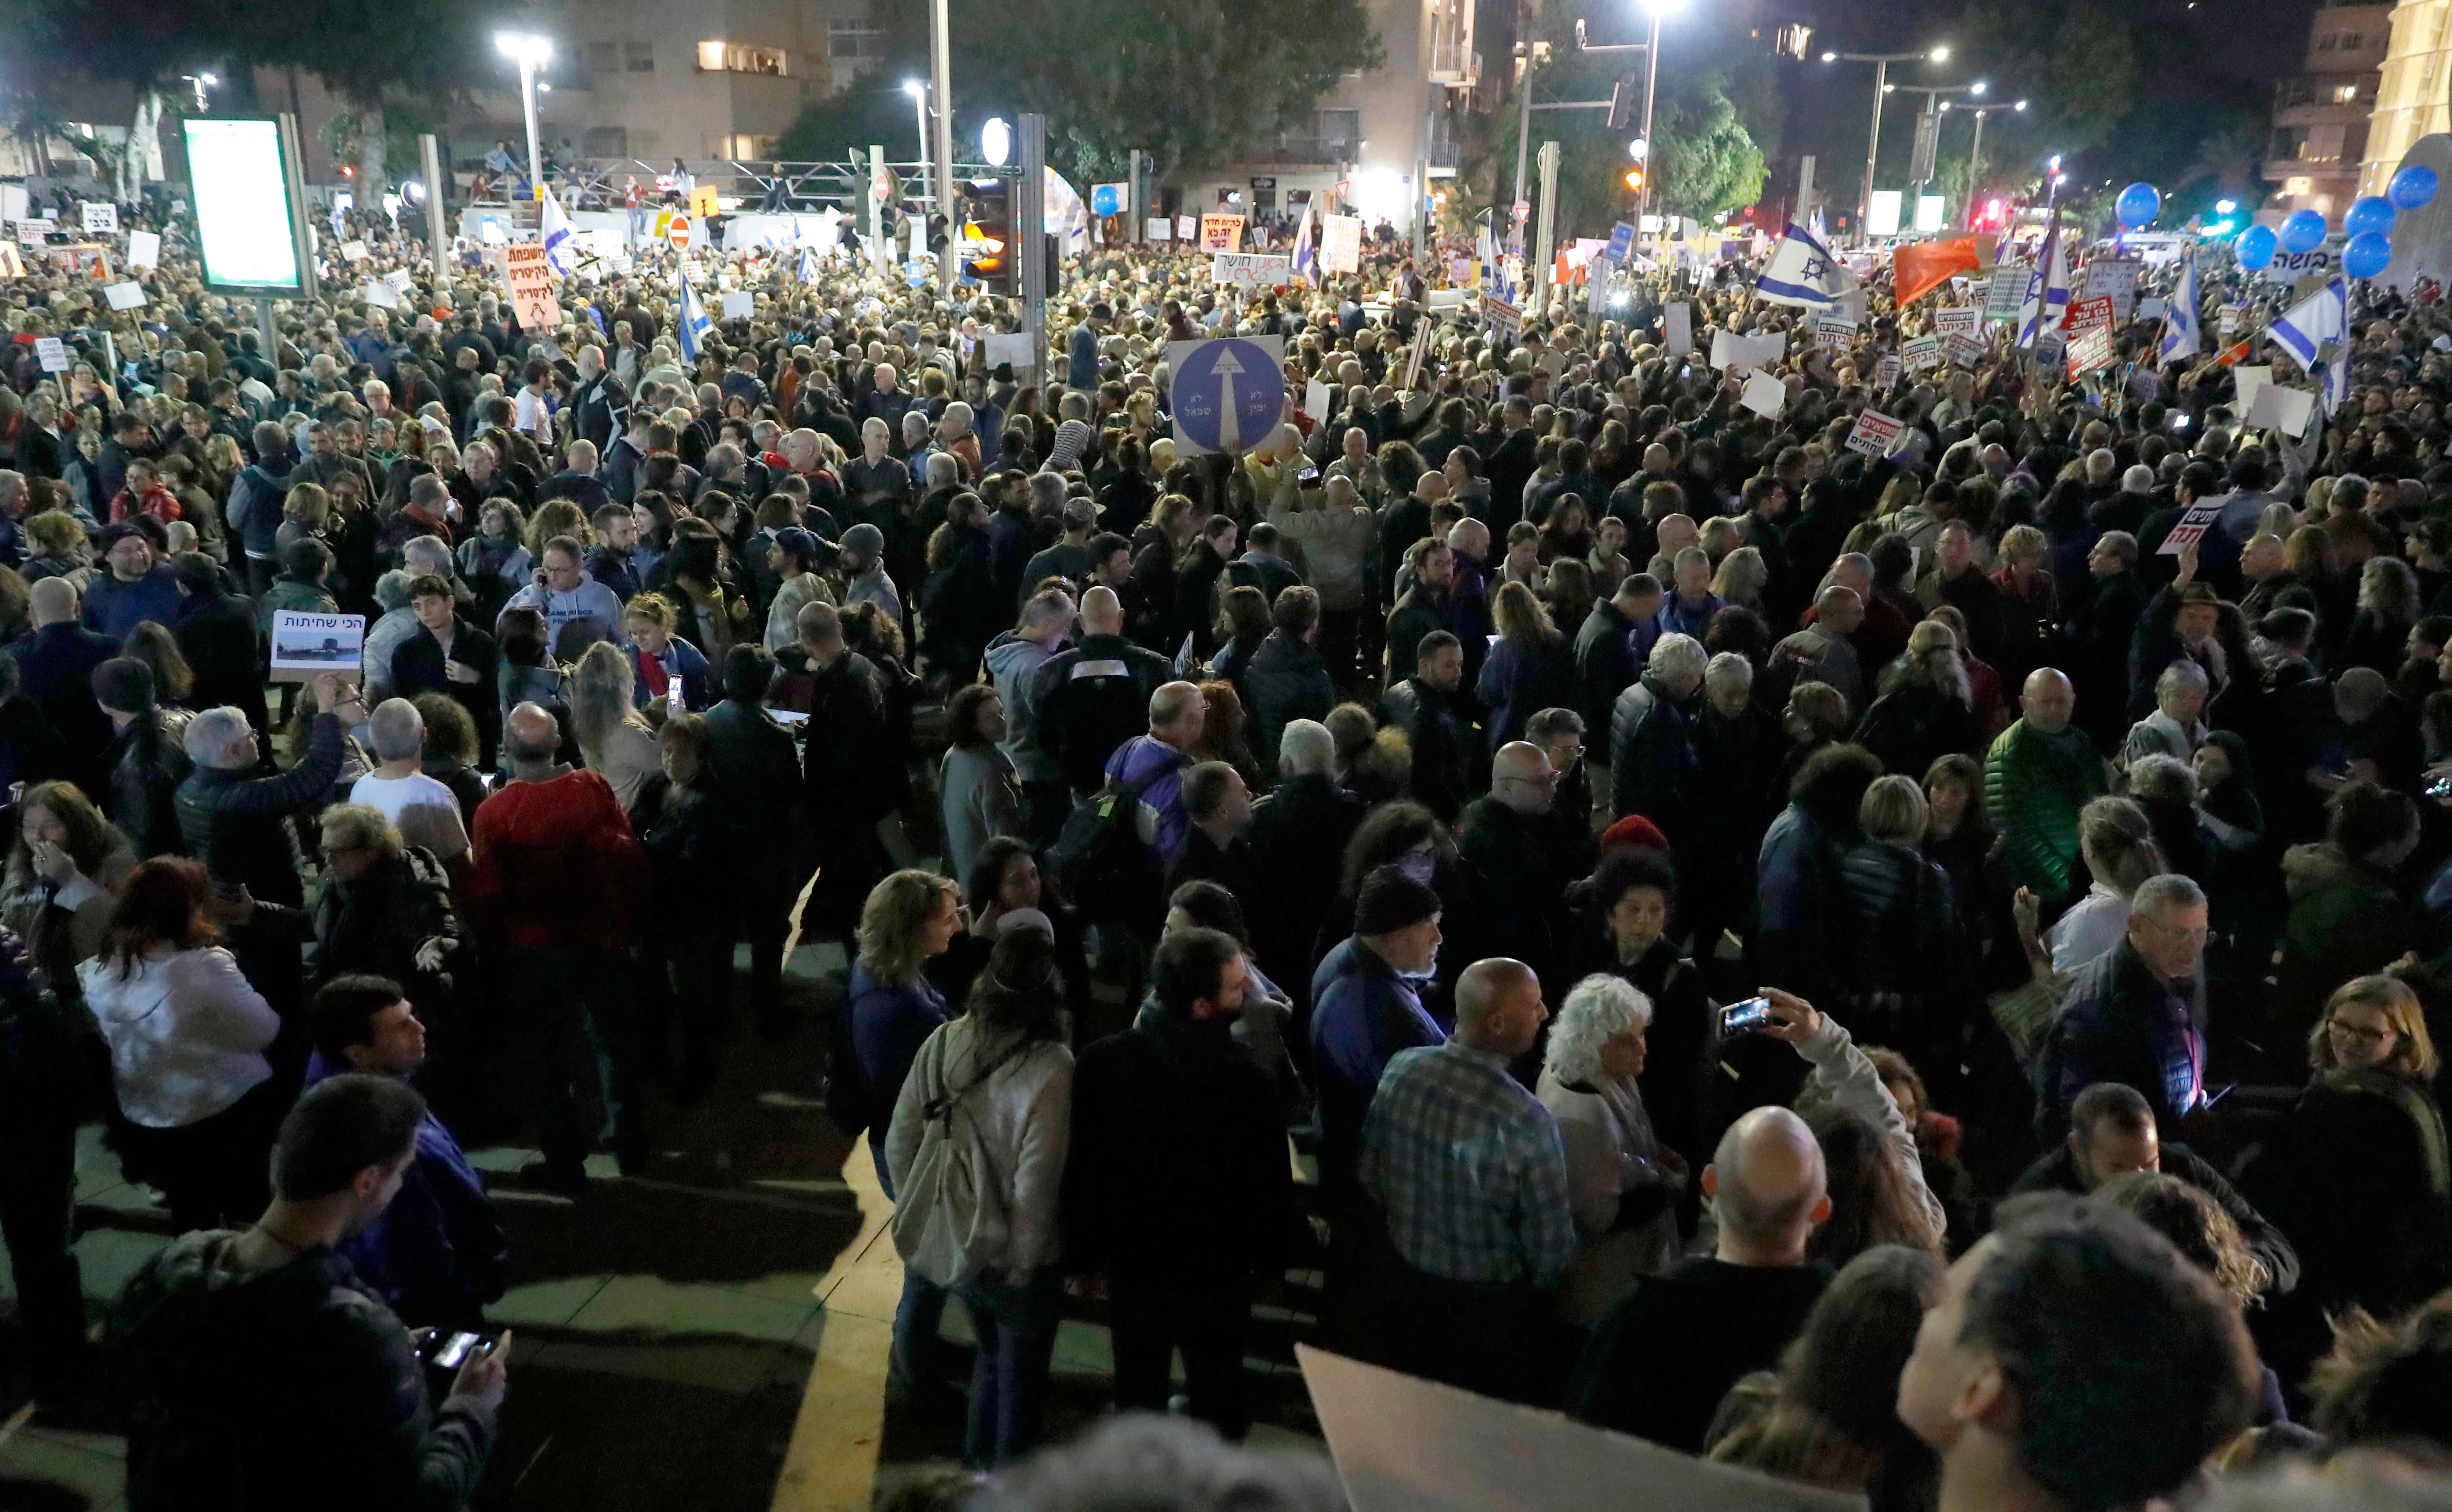 آلاف الاسرائيليين يحتجون فى تل أبيب